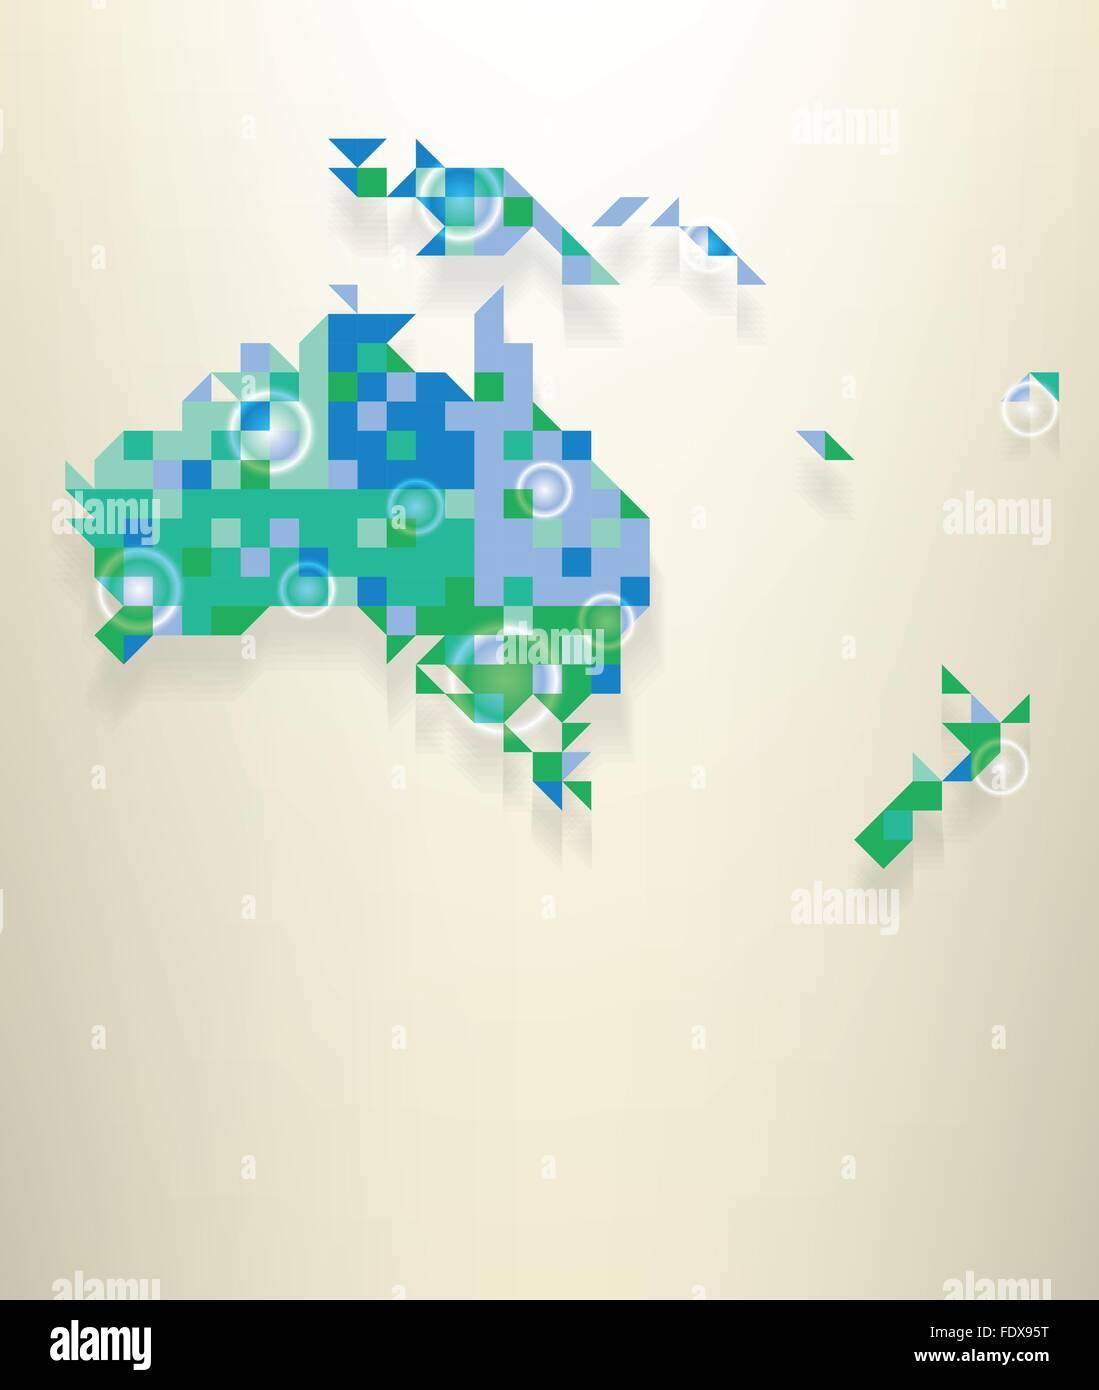 Carte Bleue Transparente.Carte Bleue De L Oceanie Avec Blanches Rondes Bagues Transparent Qui